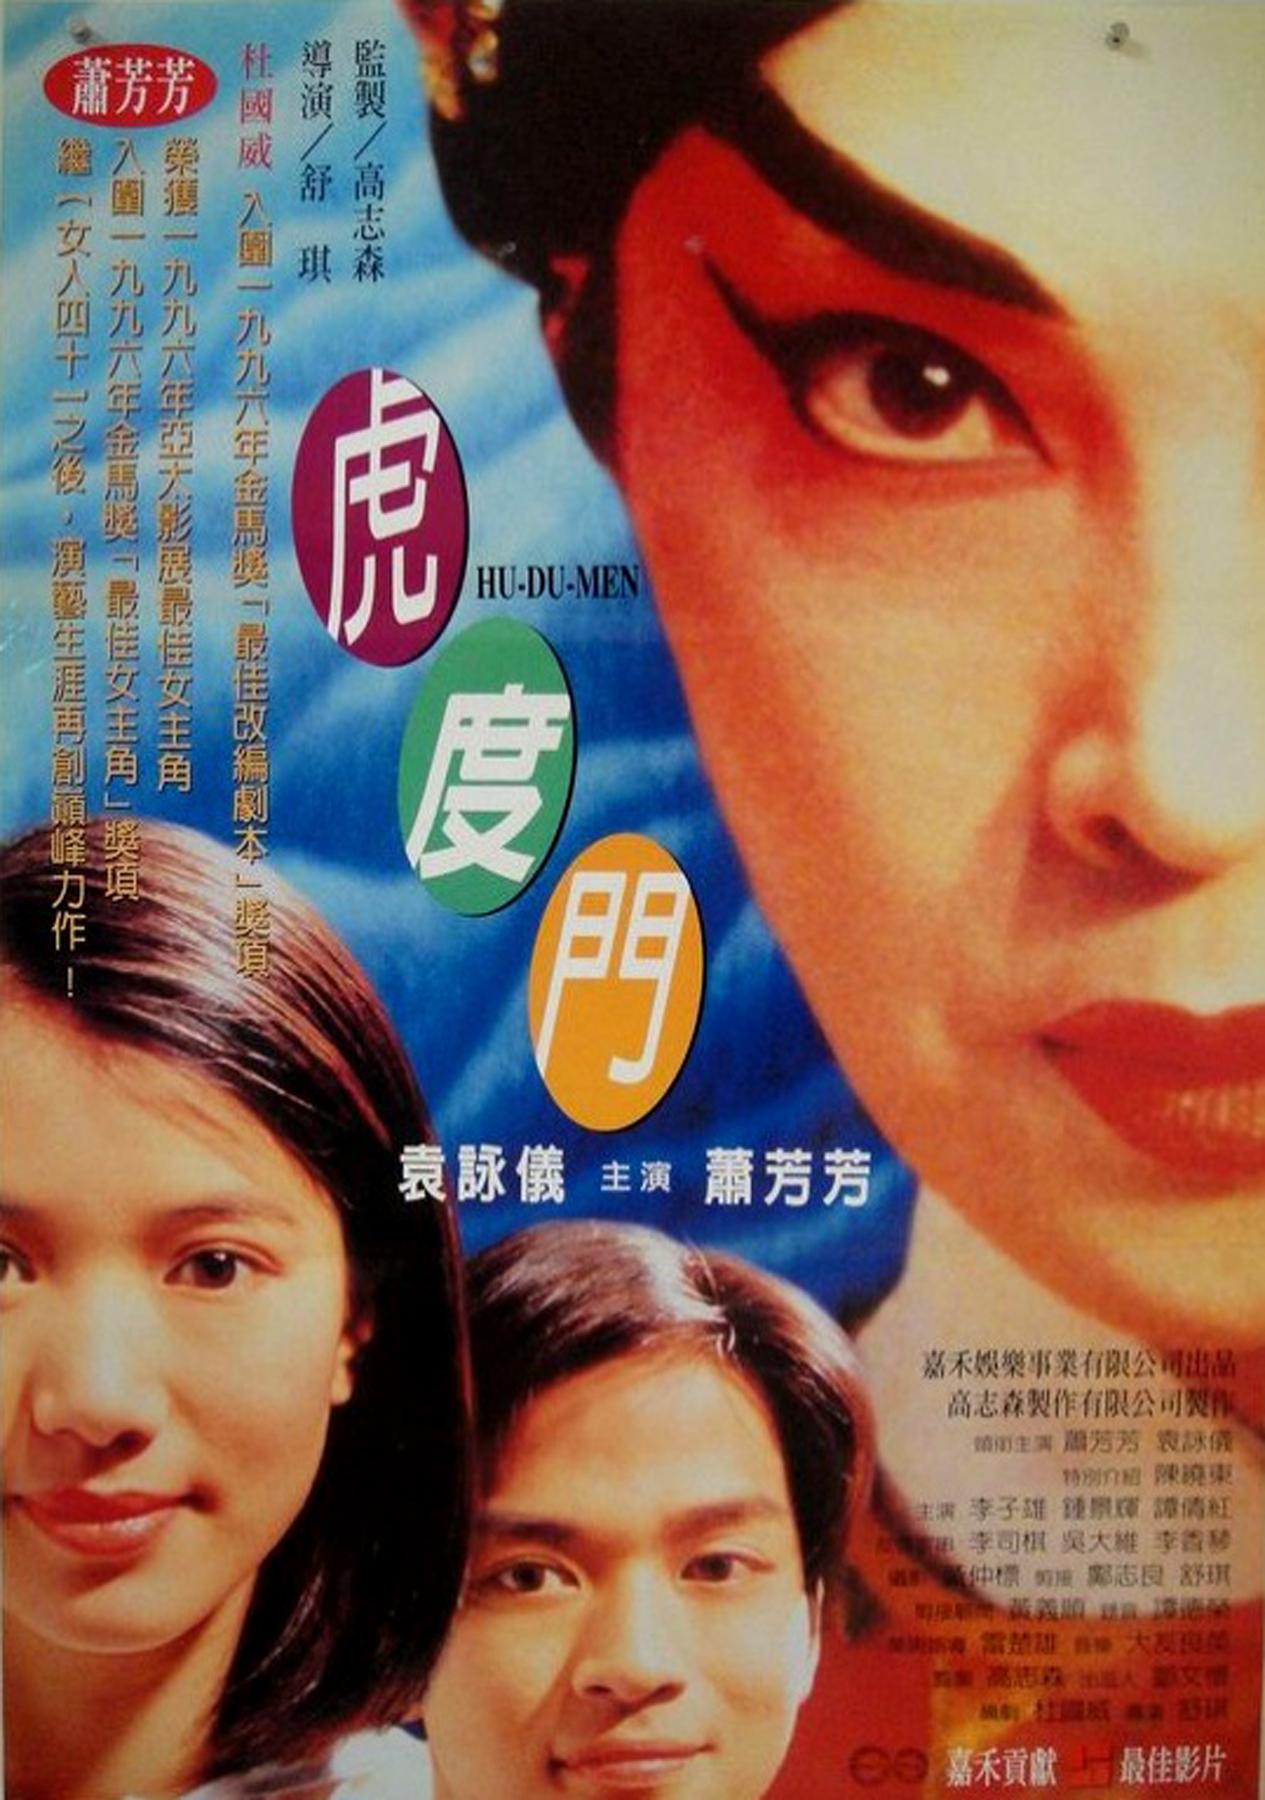 Daniel Hiu Tung Chan, Josephine Siao, and Anita Yuen in Hu Du Men (1996)